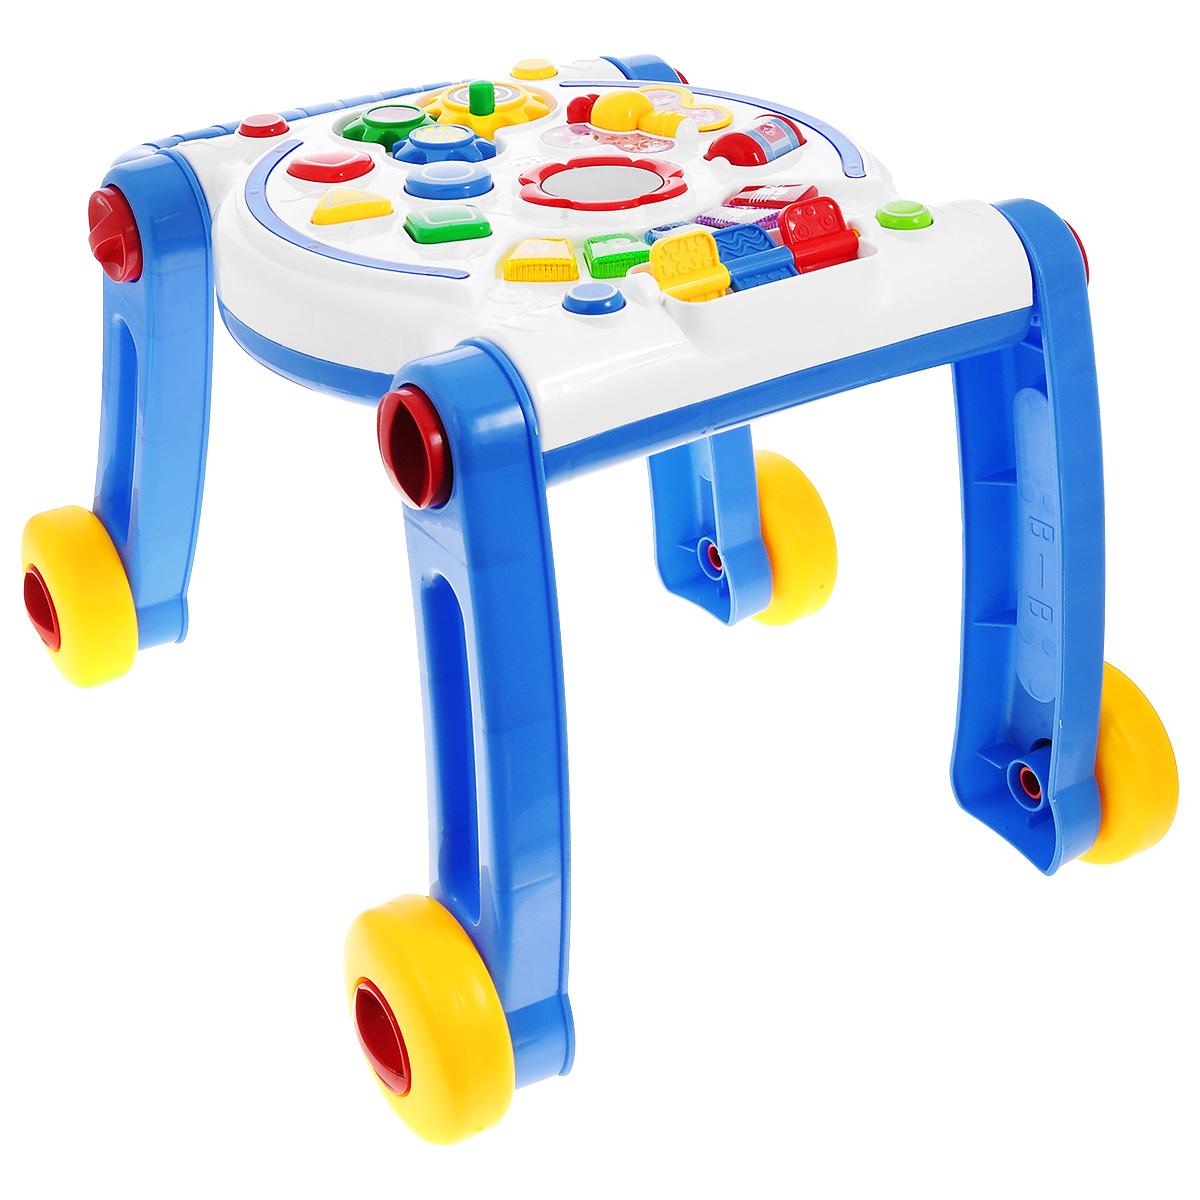 Развивающая игрушка-ходунки Малышарики Умный крохаMSH0303-013Развивающая игрушка-ходунки Малышарики Умный кроха изготовлена из безопасных материалов в ярком дизайне. Игрушка представляет собой устройство, позволяющее ребенку, который еще не умеет ходить, перемещаться без помощи взрослых. Игрушка не только поможет вашему малышу сделать первые шаги, но и развлечет его во время передвижения благодаря встроенной музыкальной панели со световыми эффектами. Вместе с такой игрушкой малыш легко научится ходить, считать и различать цвета предметов, а также узнает названия геометрических фигур. Многофункциональная игрушка Умный кроха развивает мелкую моторику и слуховое восприятие малыша, а также его логическое мышление и концентрацию внимания. Рекомендуемый возраст: 1-3 года. Для работы игрушки необходимы 3 батарейки напряжением 1,5V типа АА (не входят в комплект).